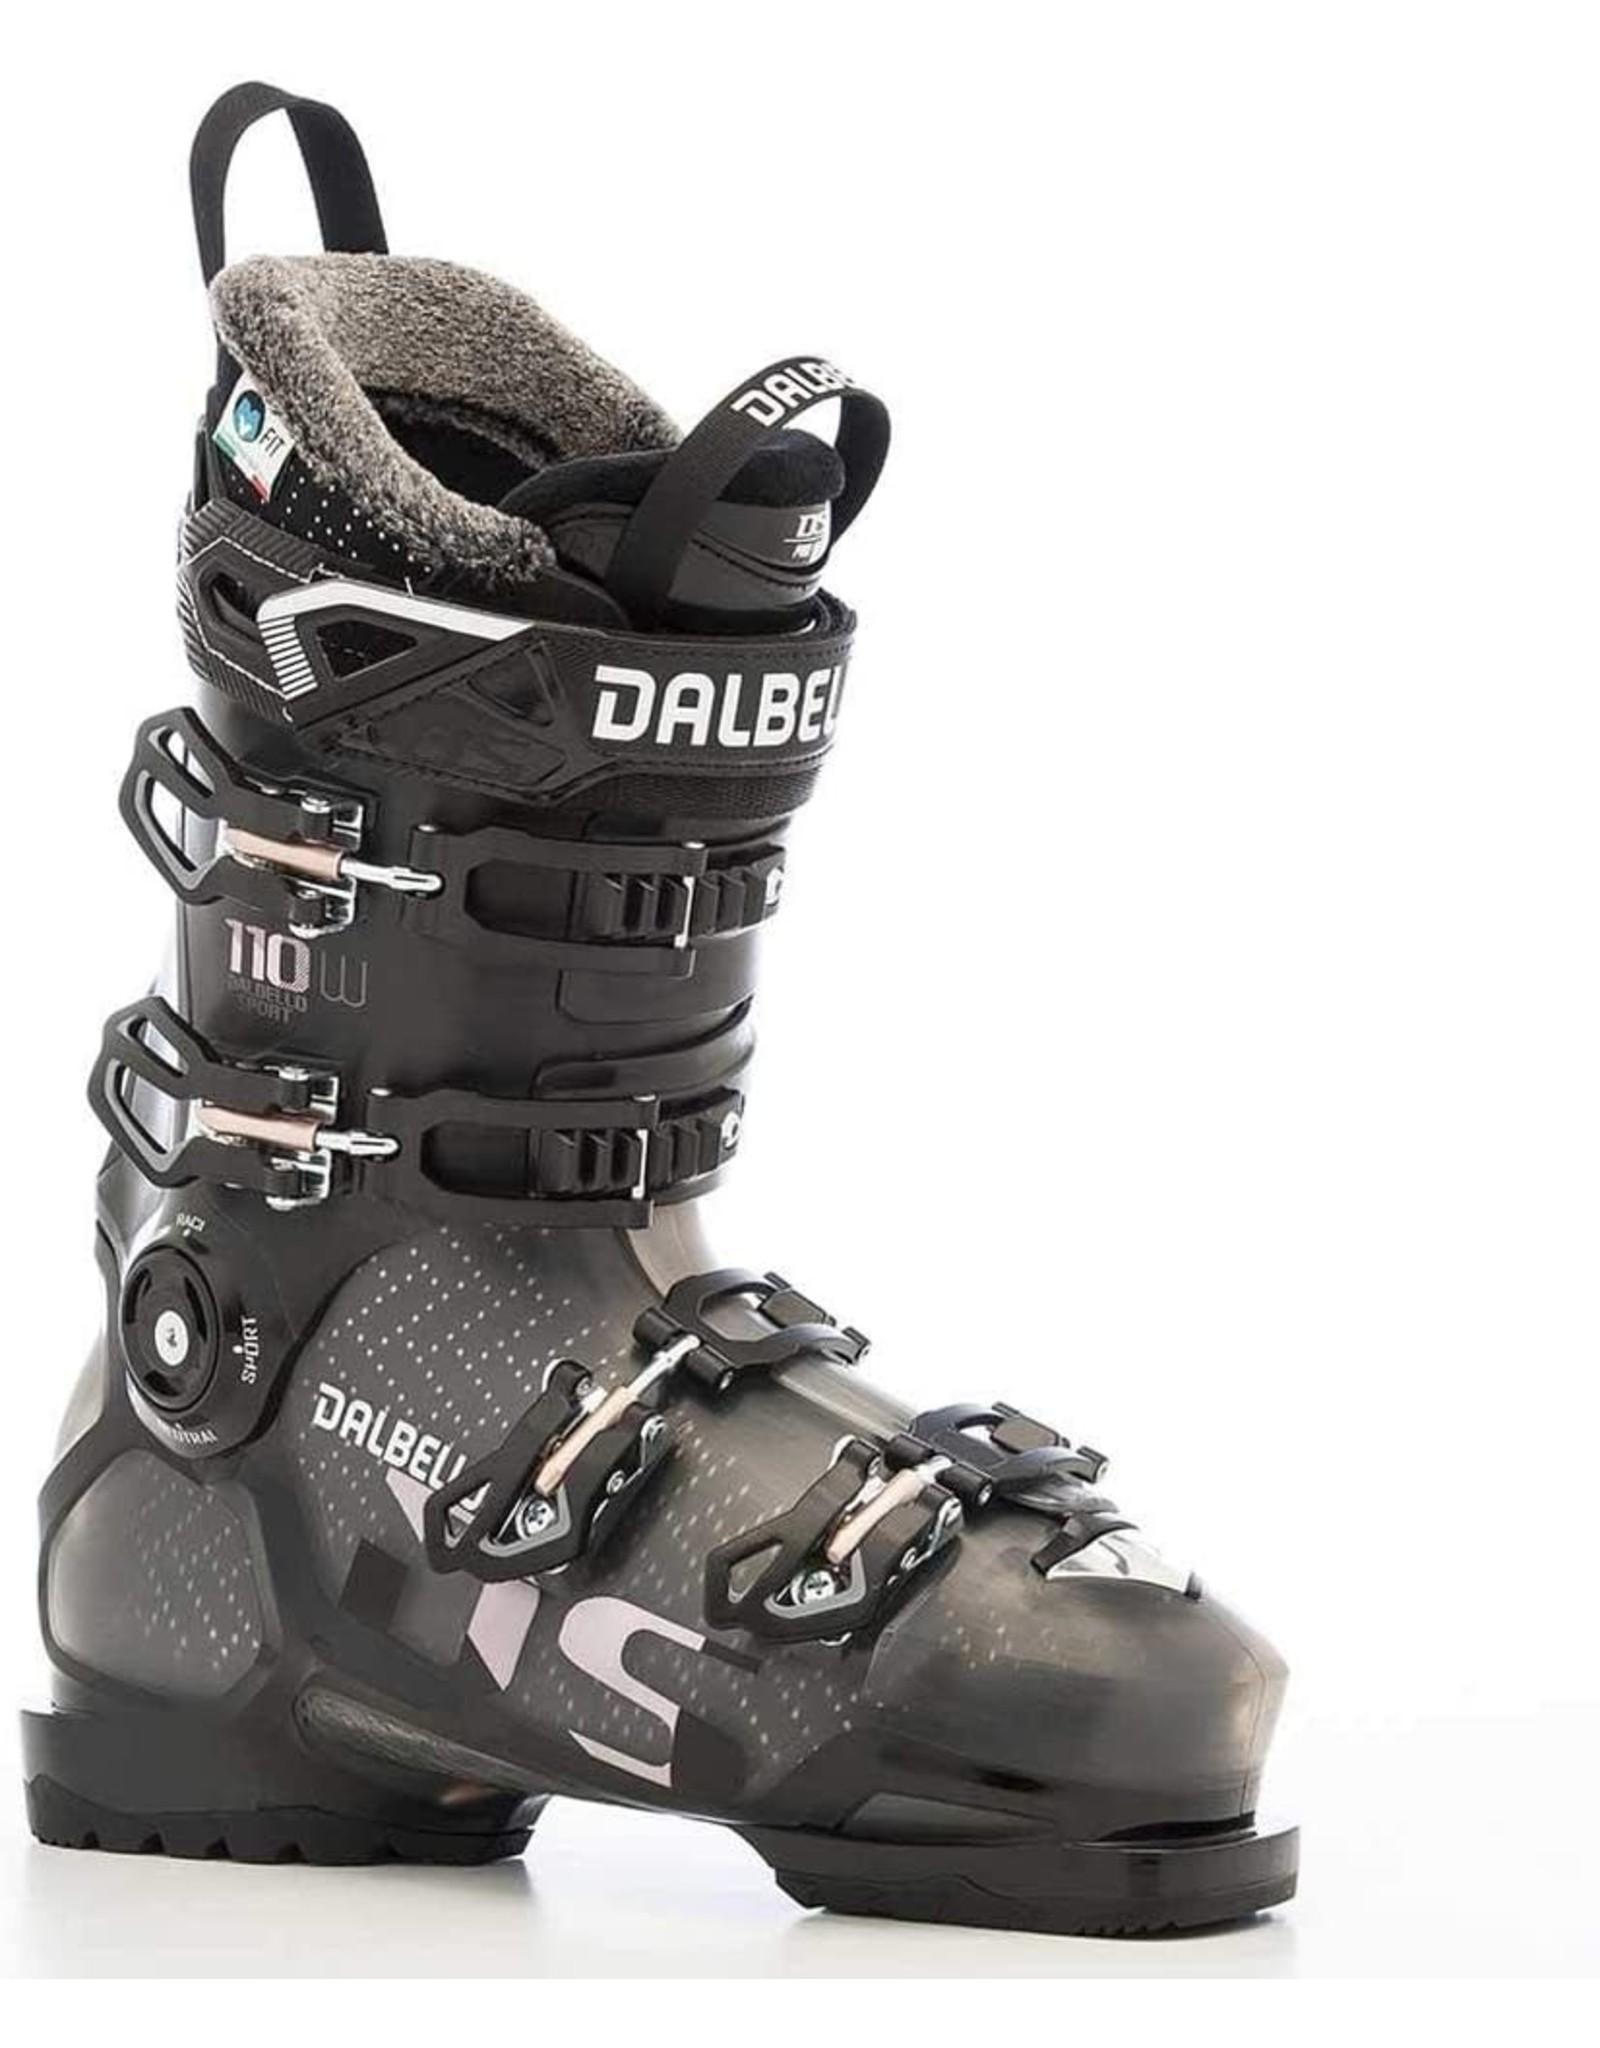 Dalbello Dalbello DS 110 Women's Boot